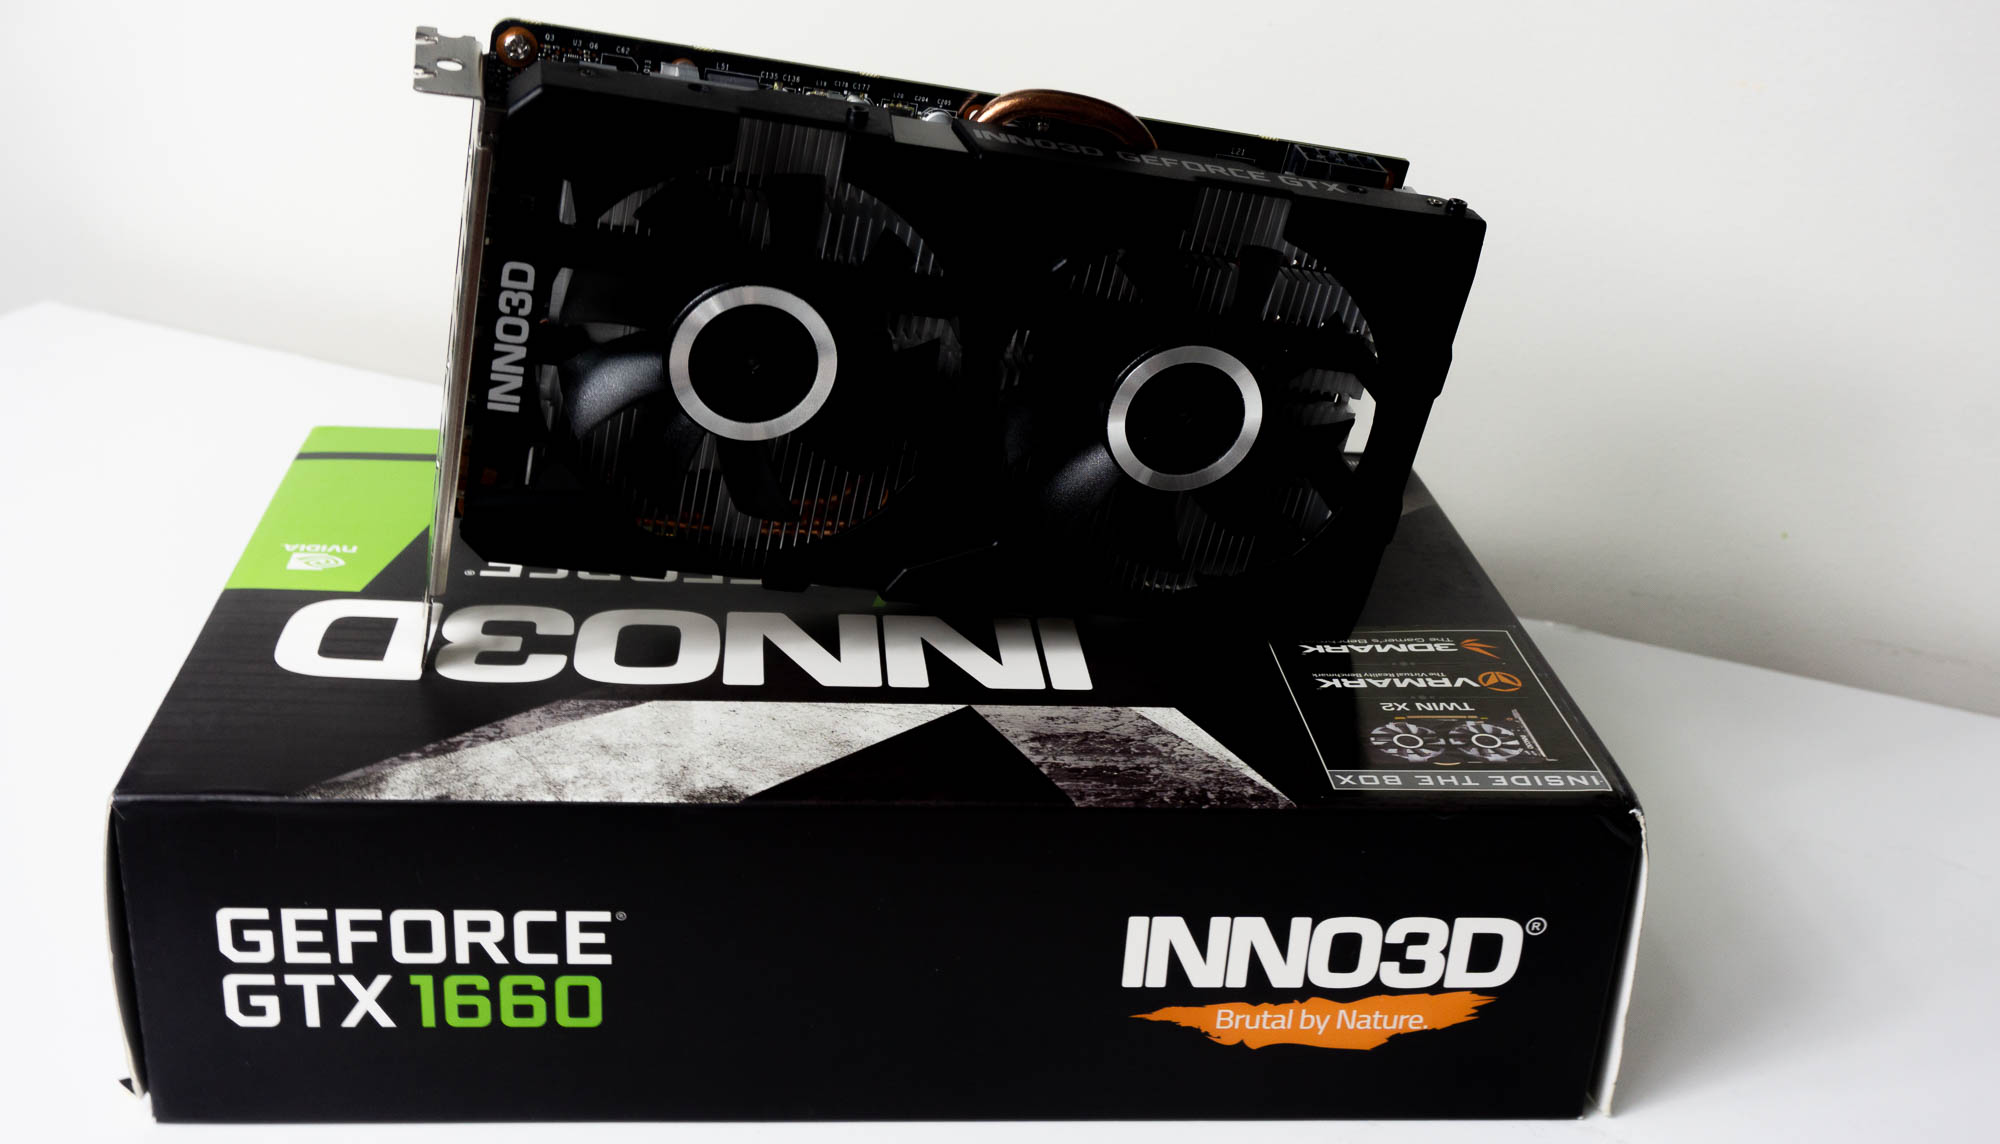 Ciekawy średniak zielonych: Inno3D GeForce GTX 1660 (recenzja)